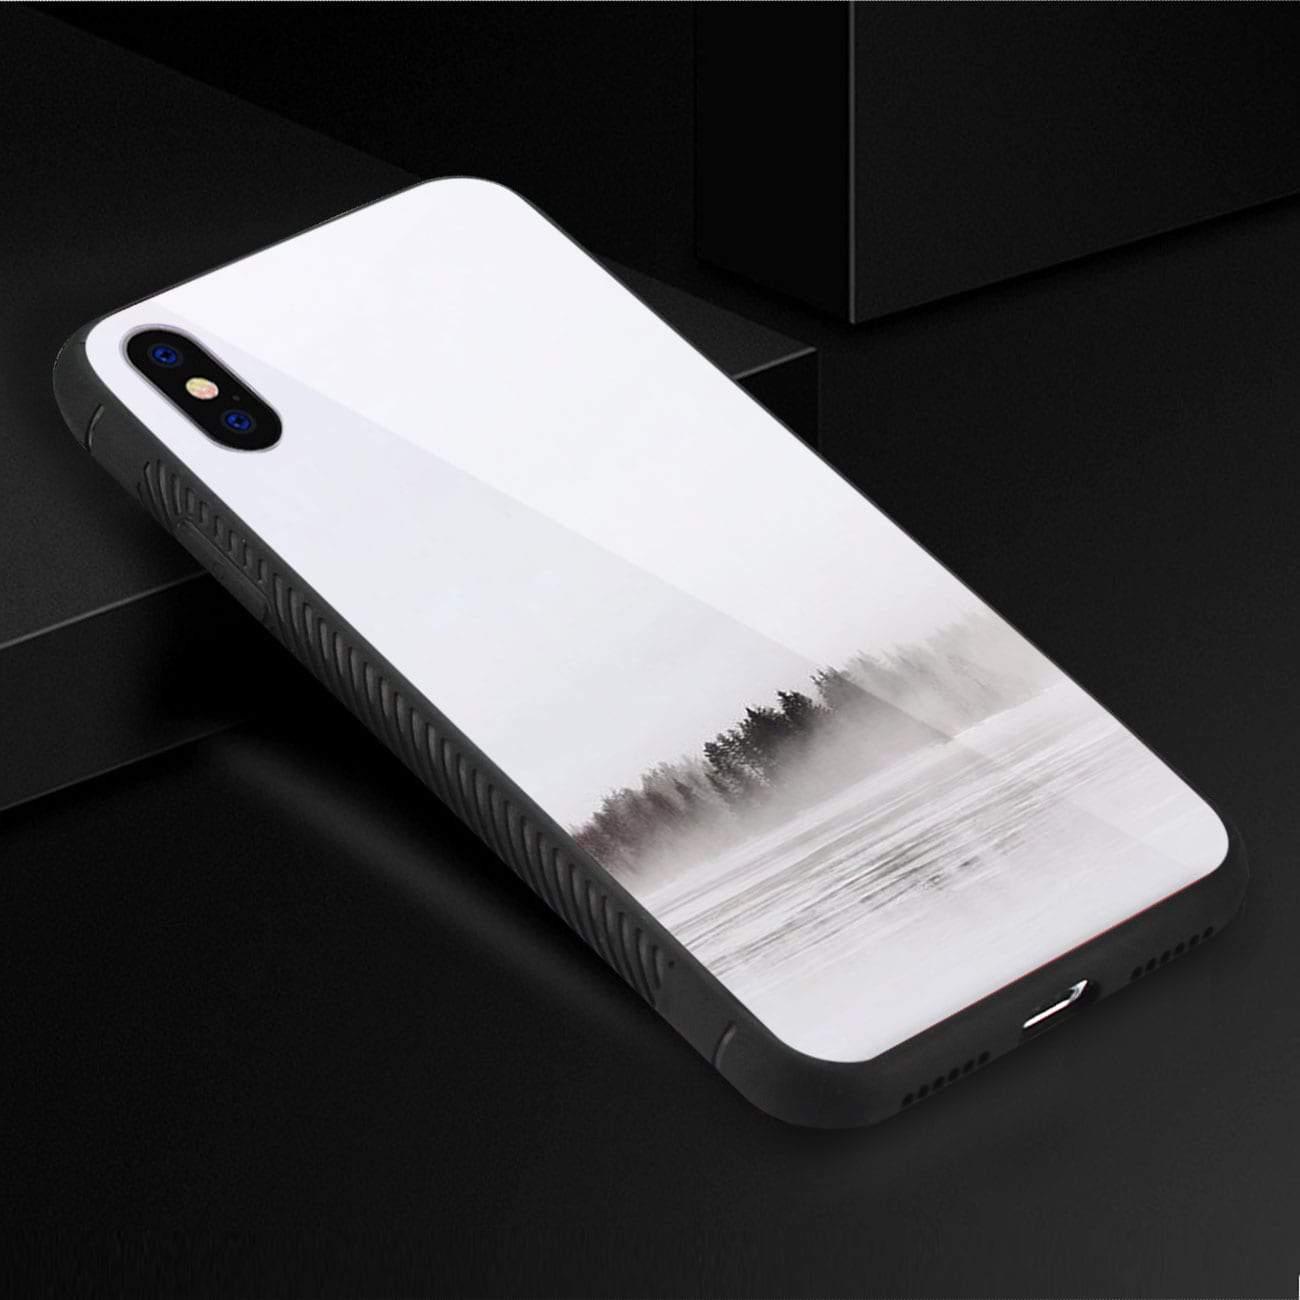 iPhone X/iPhone XS Hard Glass Design TPU Case With Lake Scene